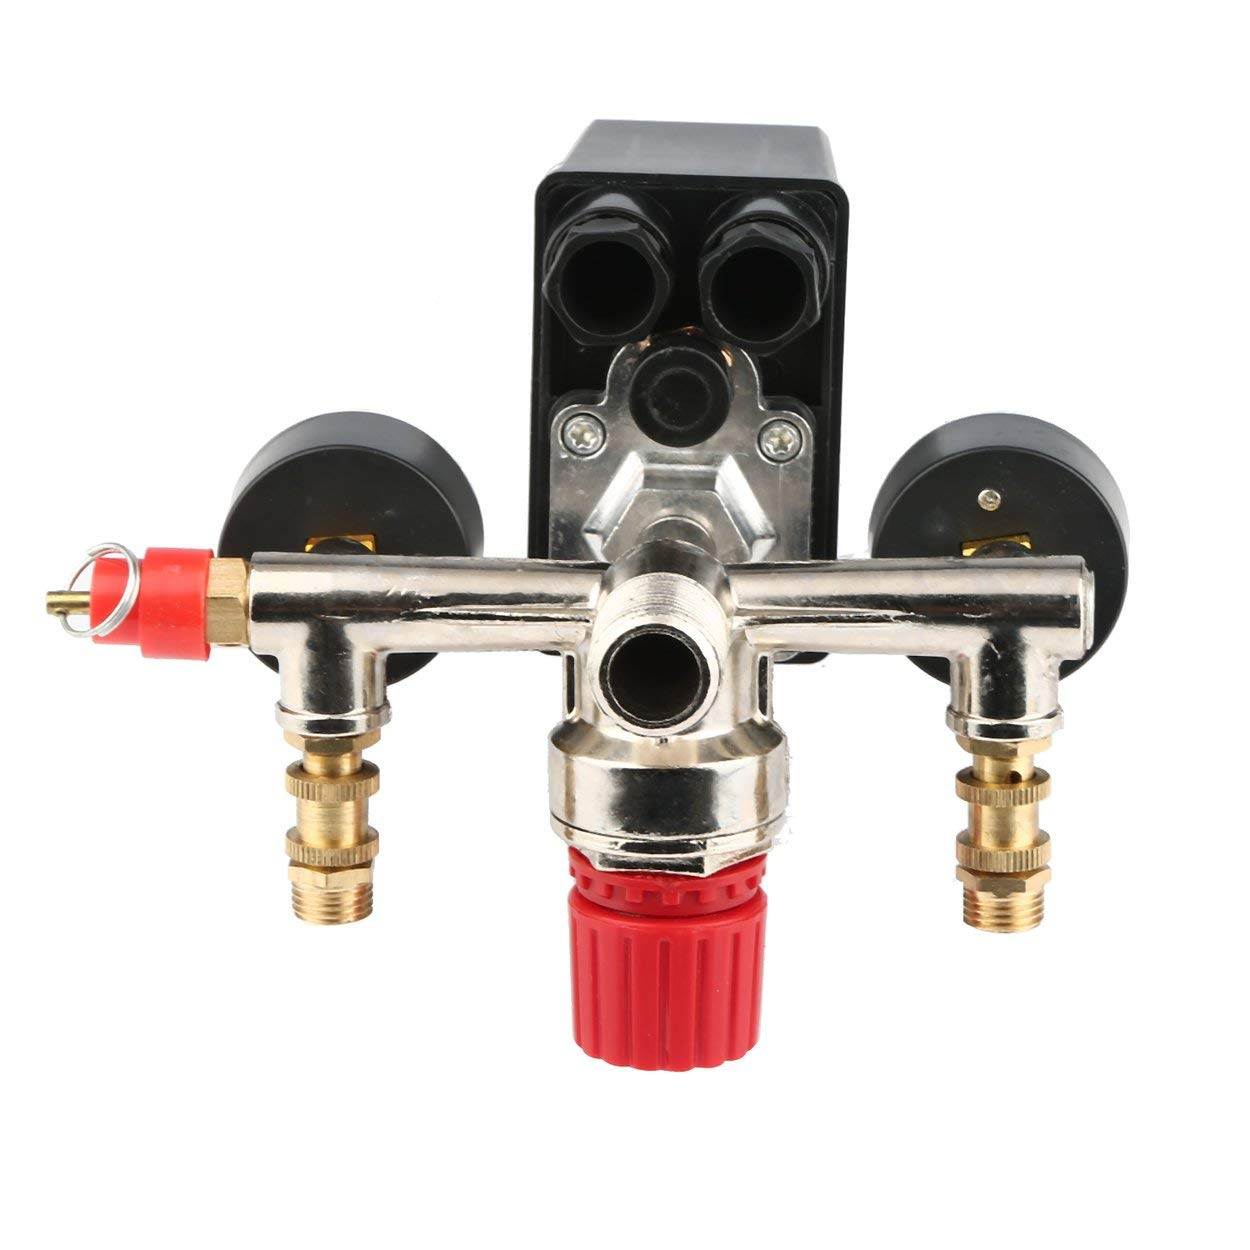 Lorenlli 40343 Pressostato regolabile Interruttore del compressore daria Regolazione della pressione con 2 pressostati Set di controllo valvola